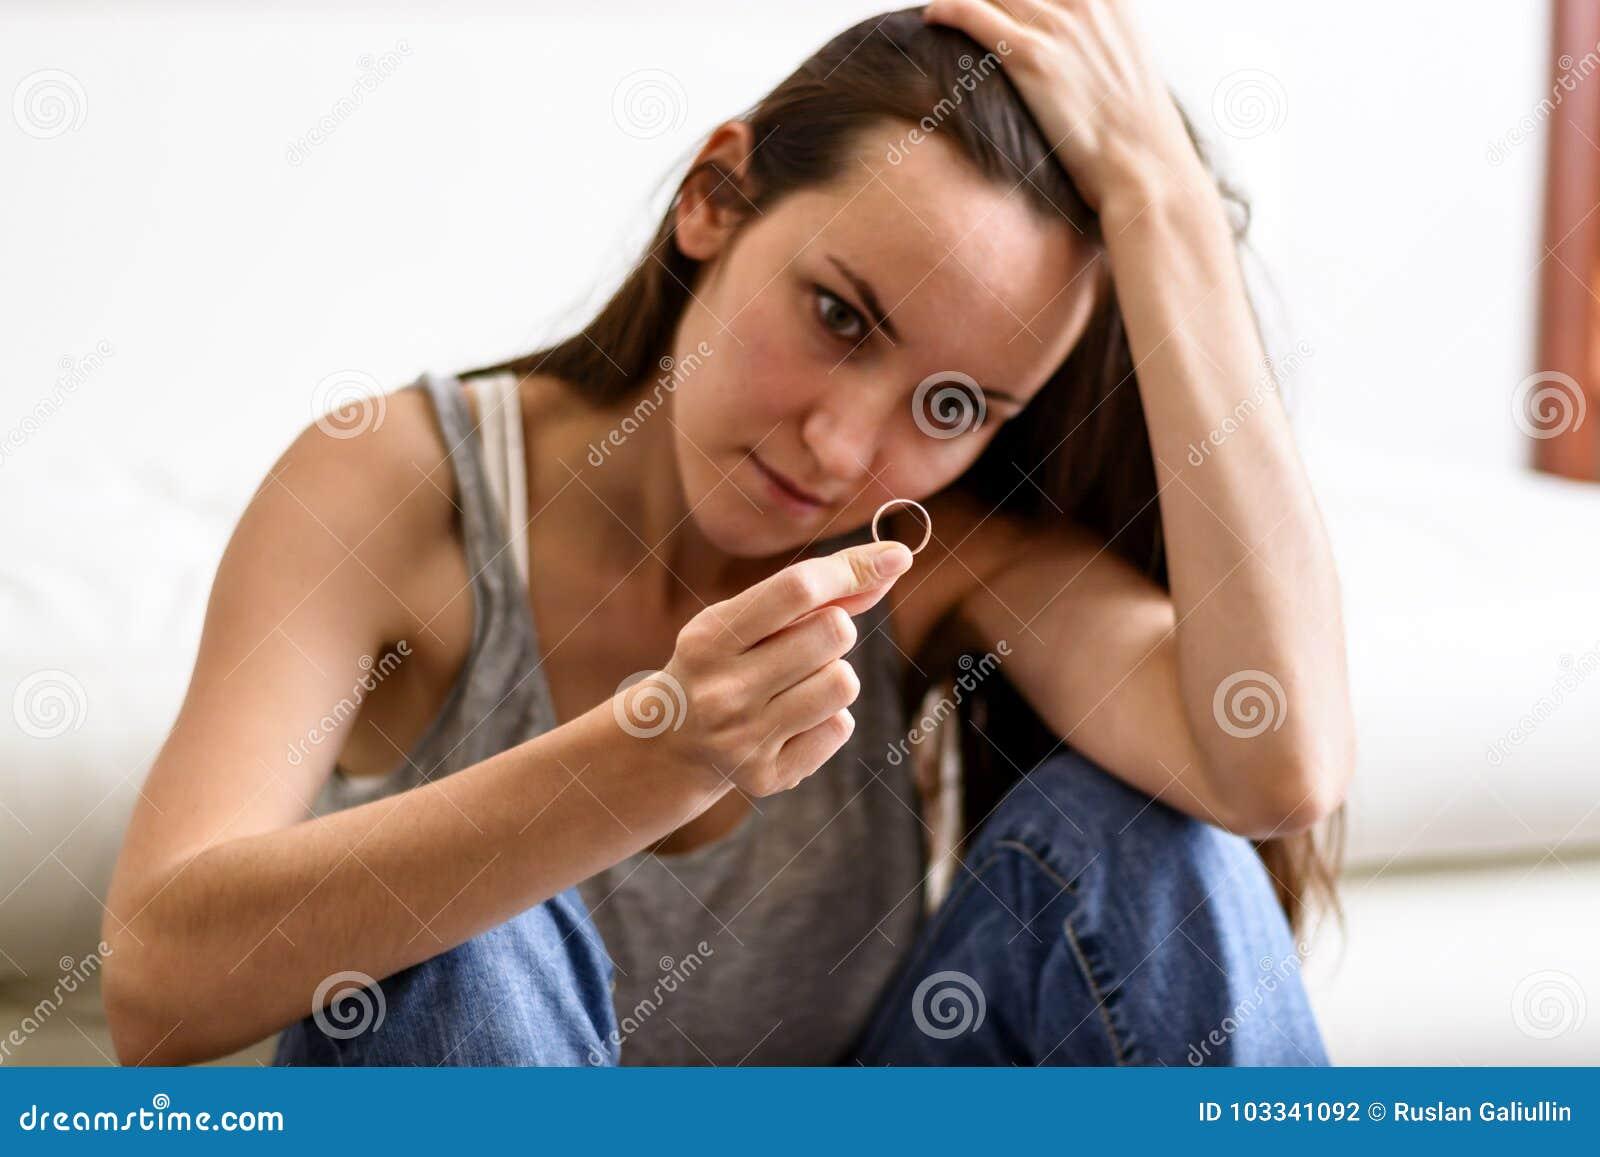 Moglie arrabbiata ed offensiva deprimente dopo il divorzio, tenente con la mano una fede nuziale che si siede su un pavimento del